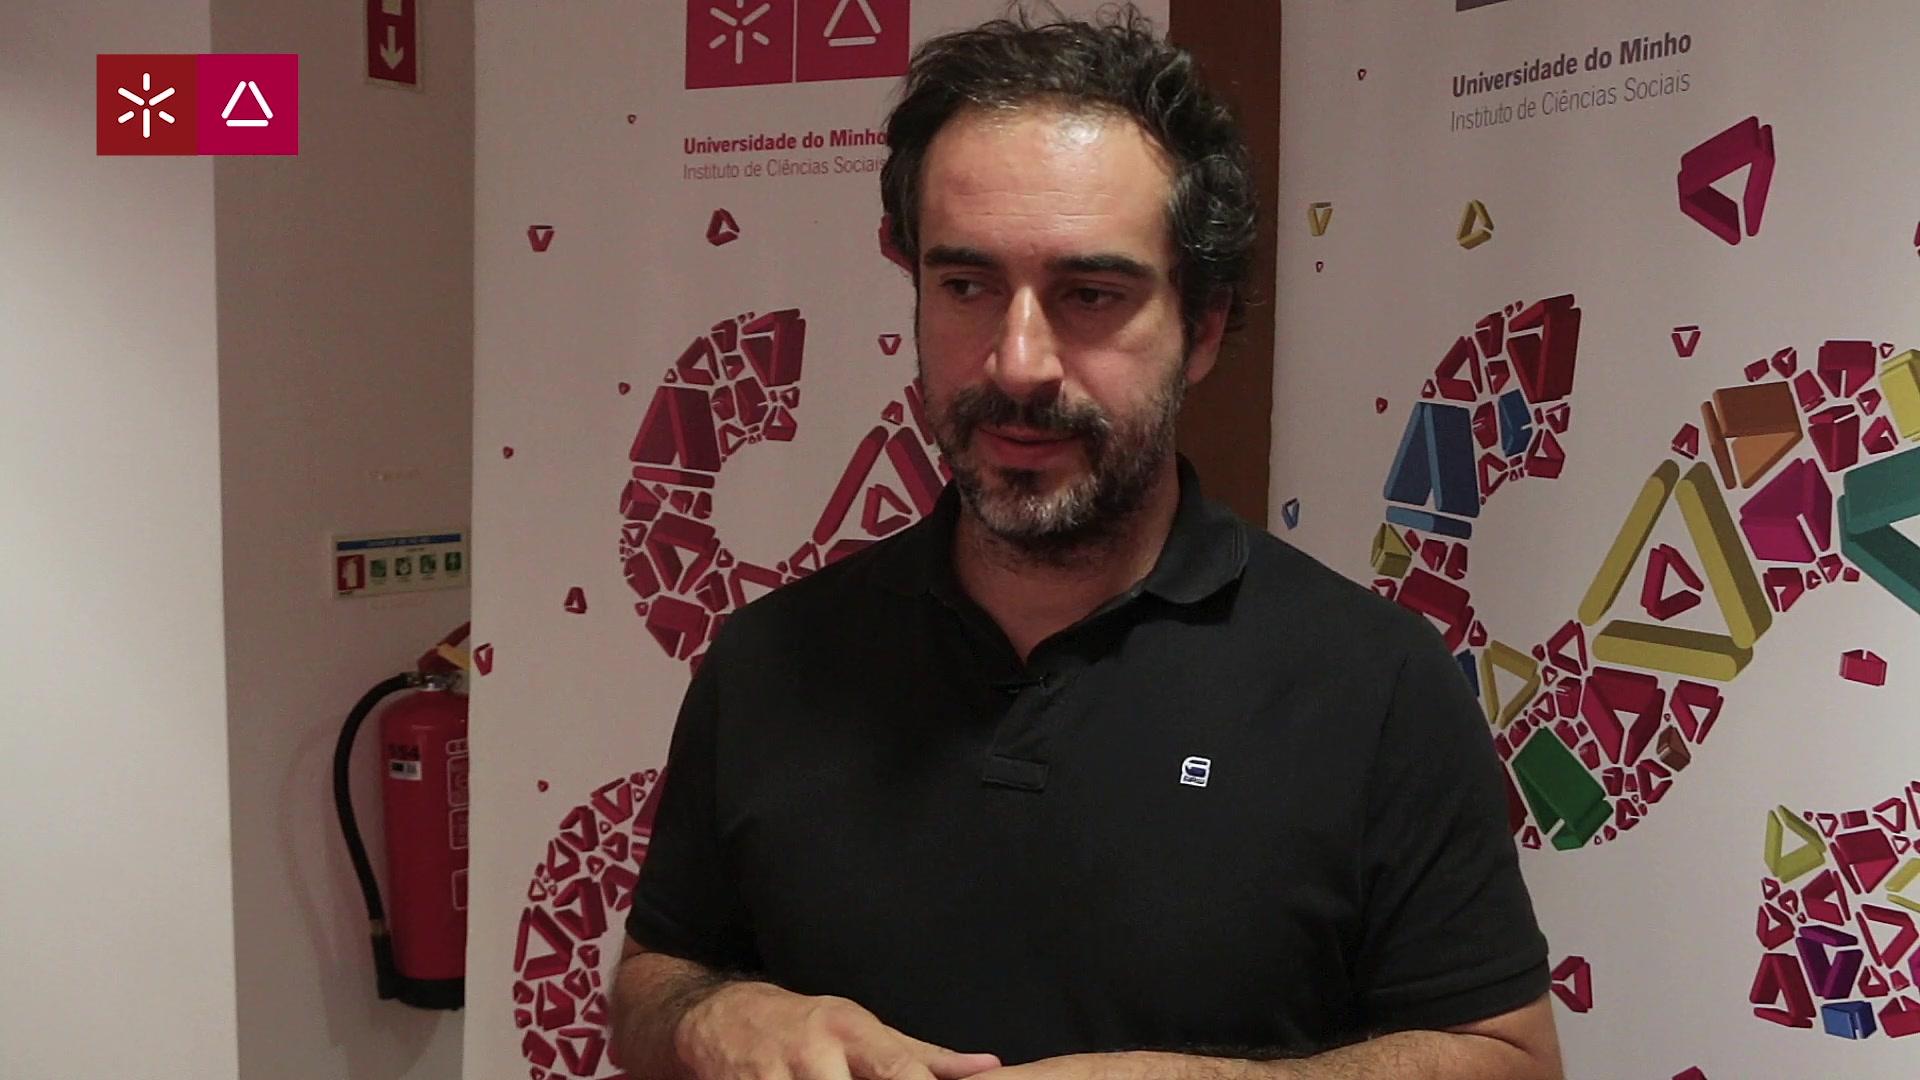 Augusto Fraga